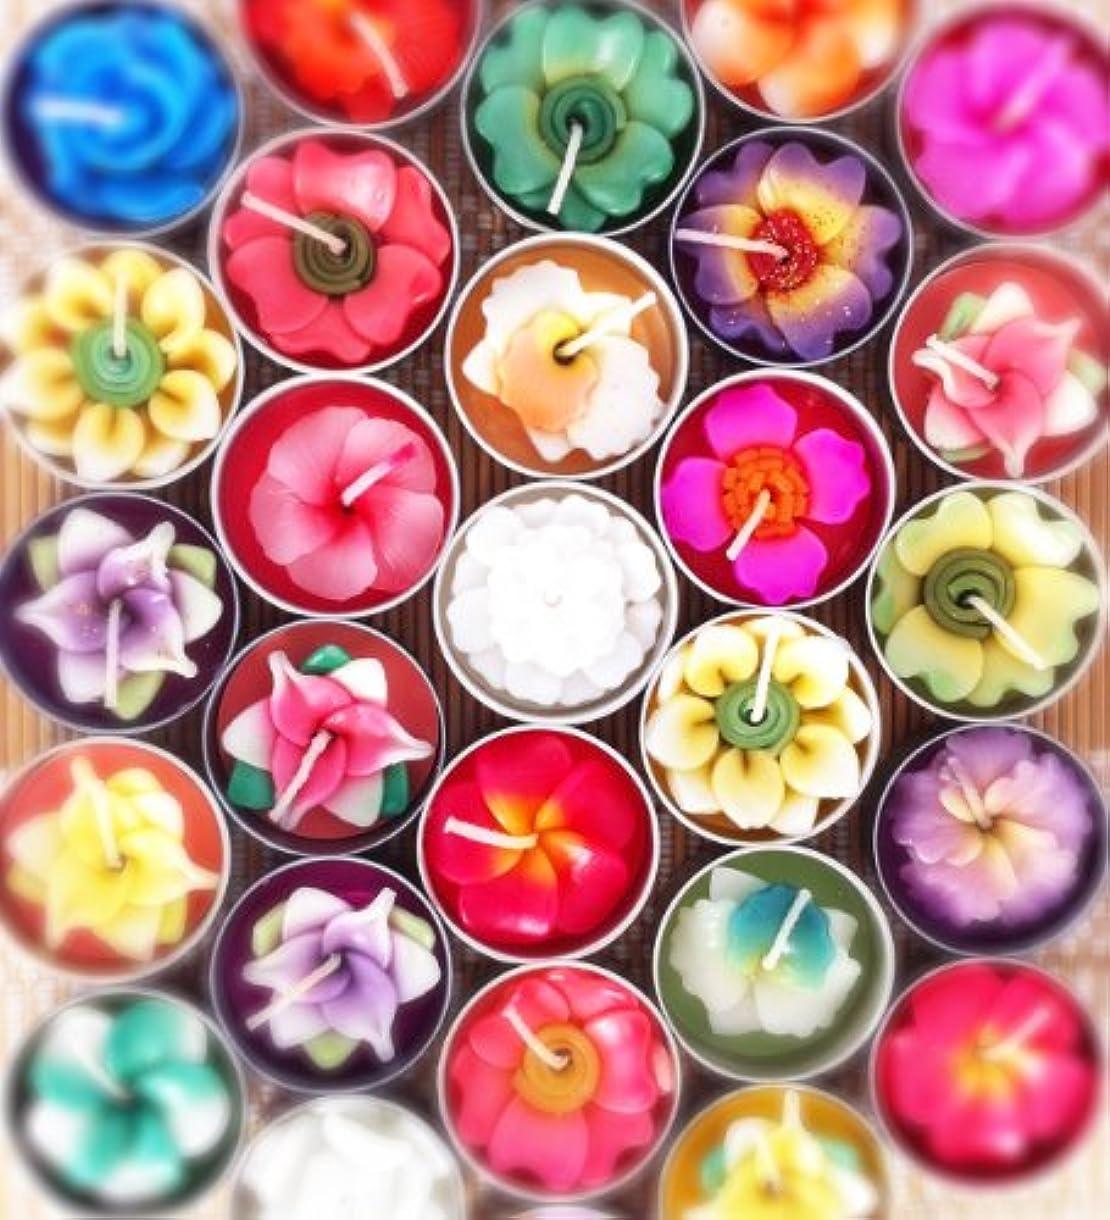 球体クラブ数学的なTiddin Design【キャンドル】フラワーキャンドル/ティーライトキャンドル/ろうそく/花の香り/Flower Candle (10個入りお徳用パック)